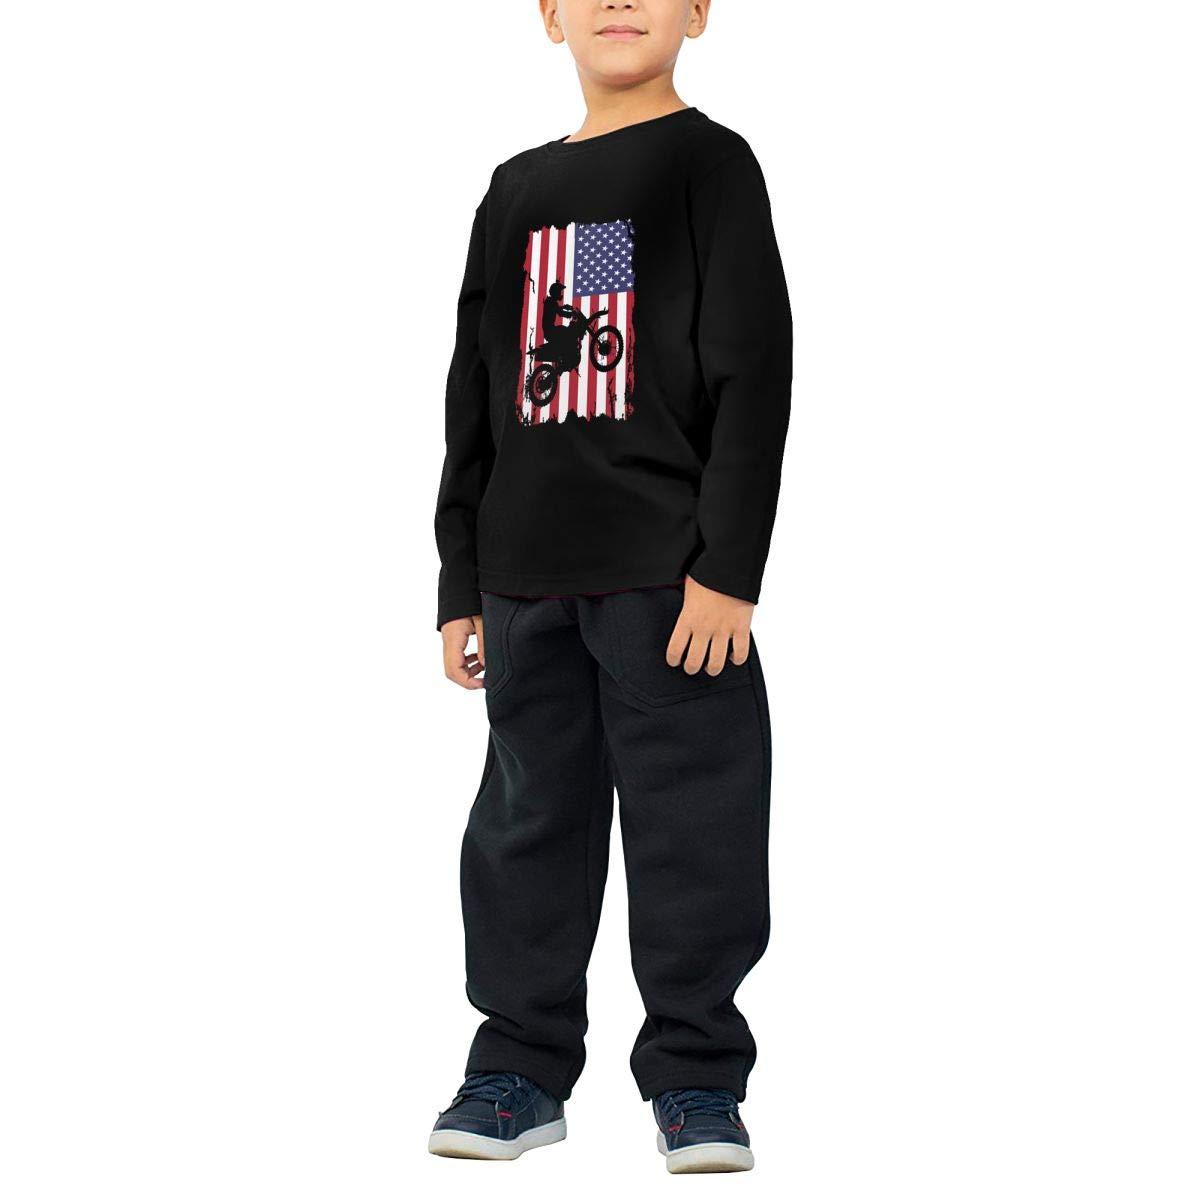 CERTONGCXTS Little Girls Dirt Bike American Flag ComfortSoft Long Sleeve Tee